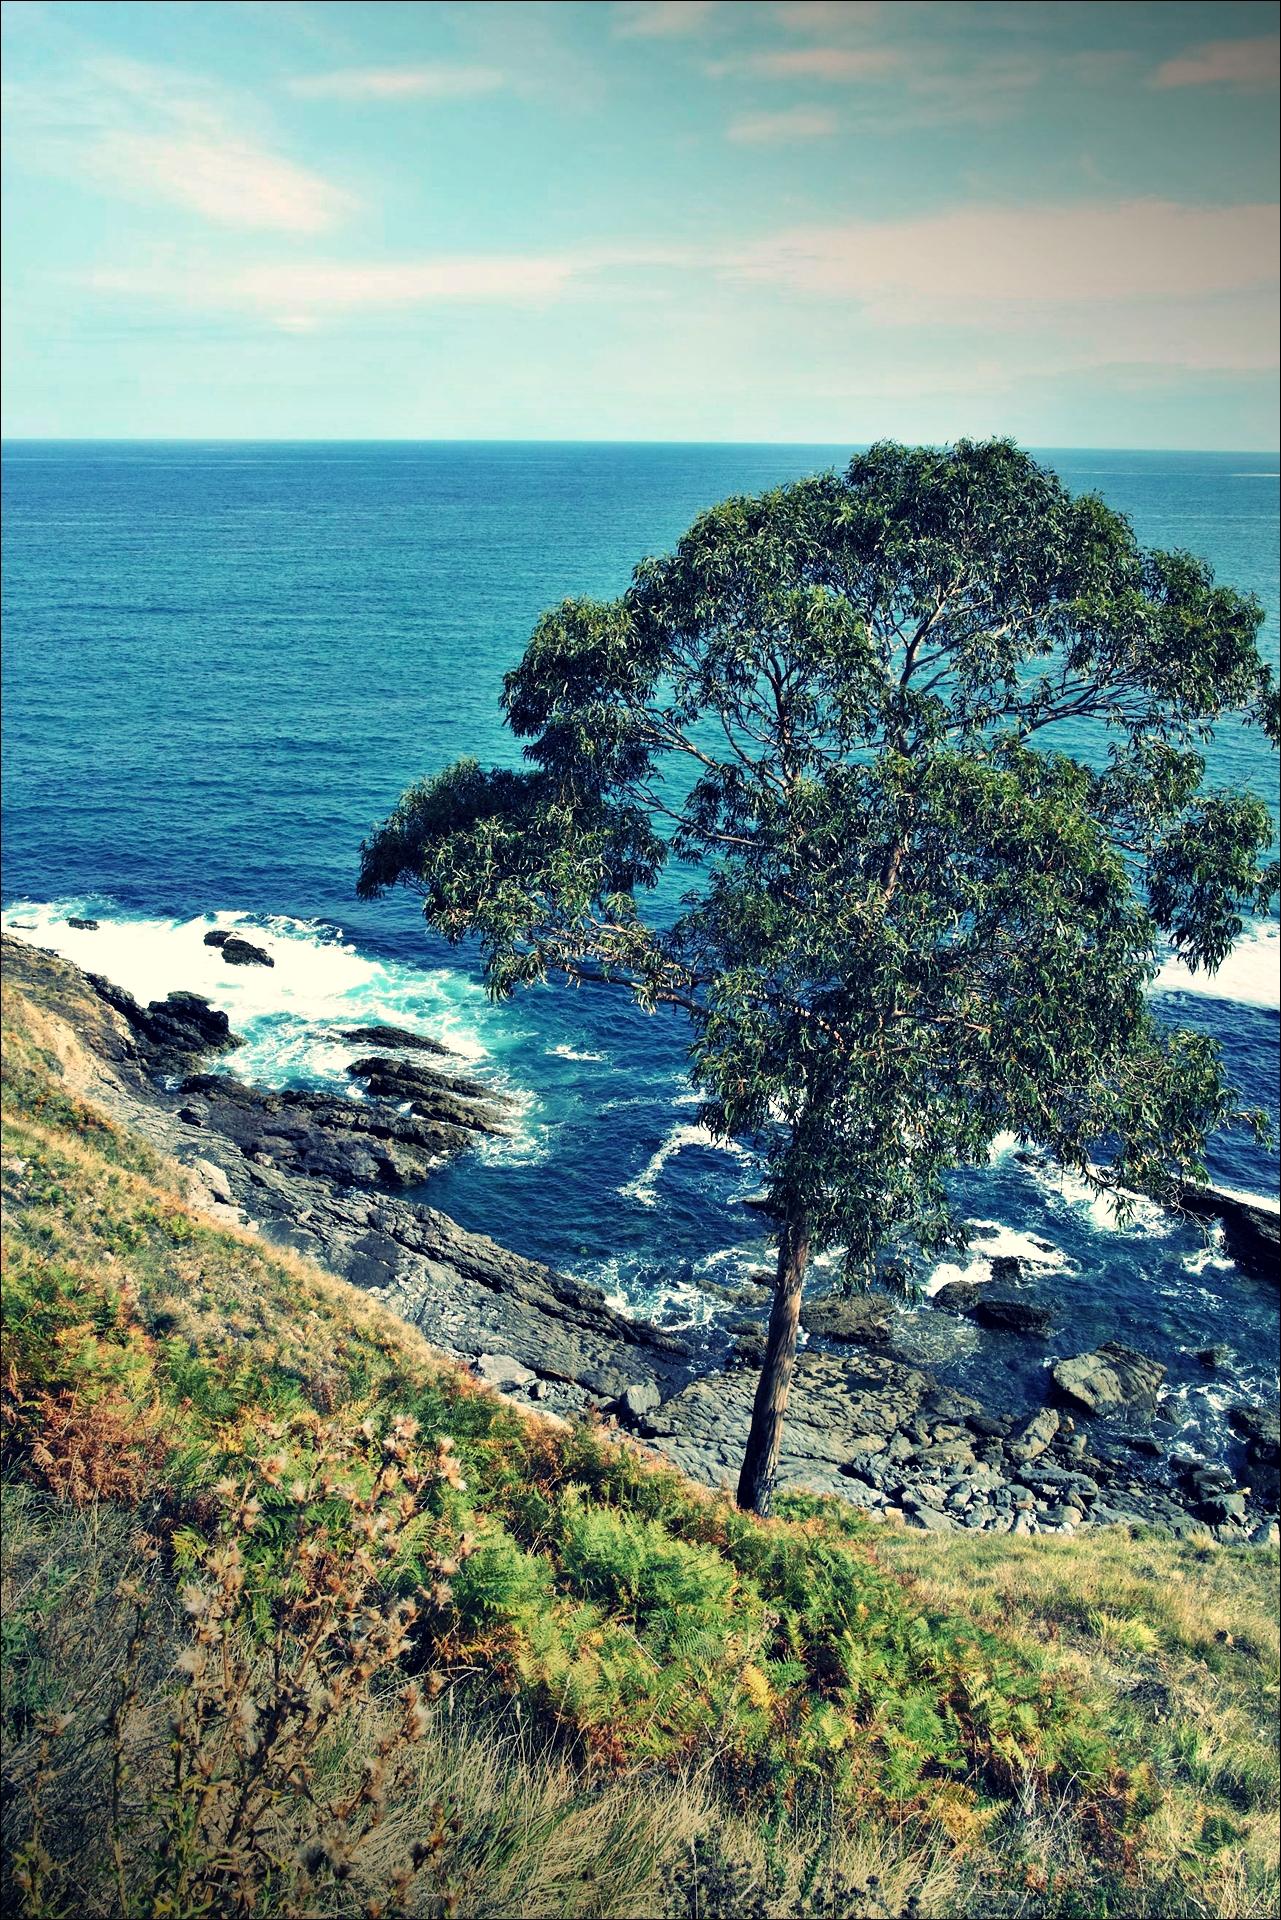 나무-'카미노 데 산티아고 북쪽길. 포르투갈레테에서 카스트로 우르디알레스. (Camino del Norte - Portugalete to Castro Urdiales) '